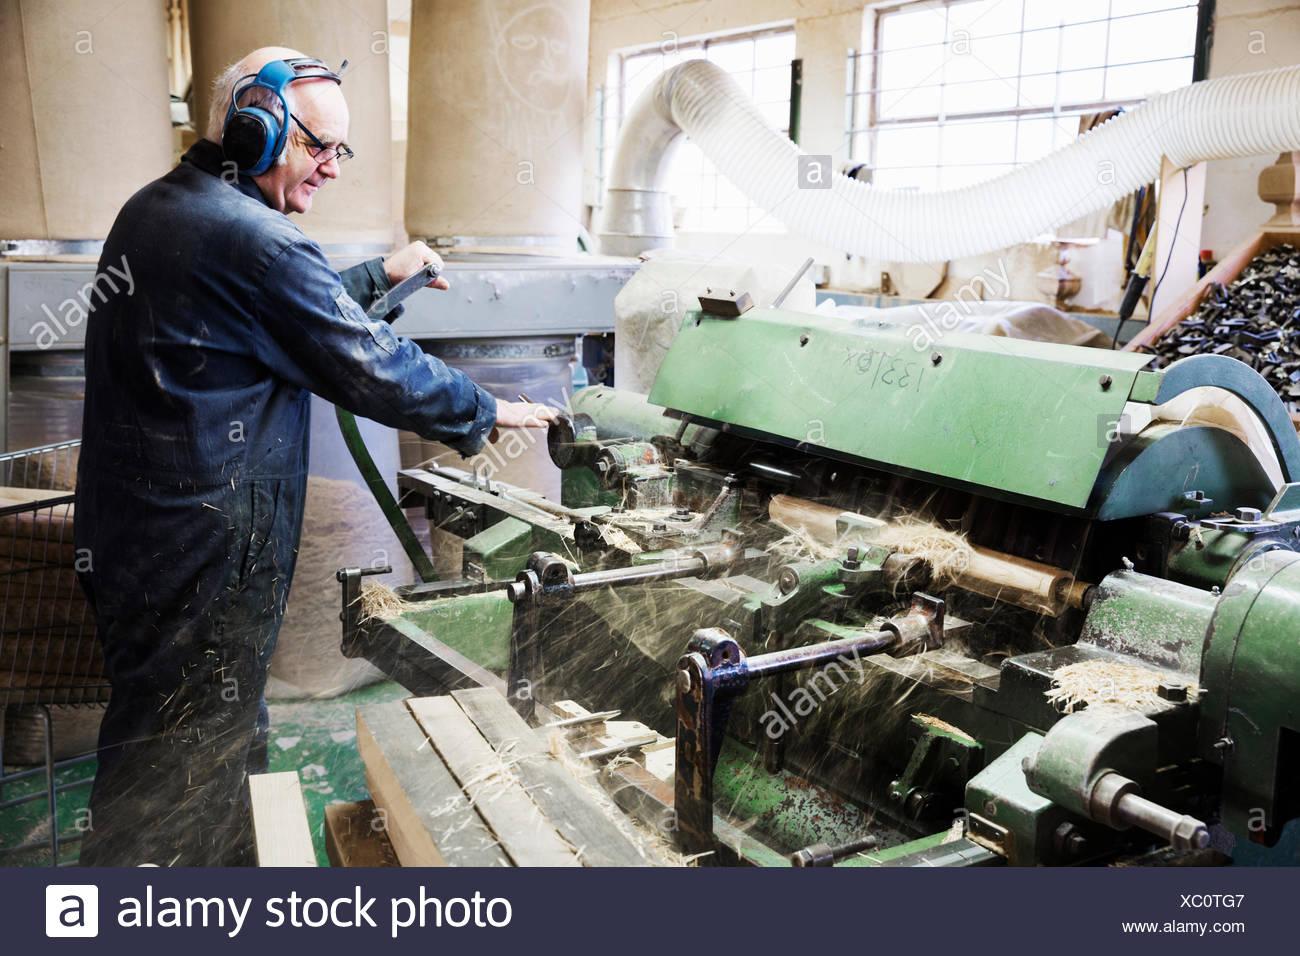 Homme debout dans un atelier de menuiserie, le port de protecteurs auditifs, travaillant à un tour à bois. Photo Stock